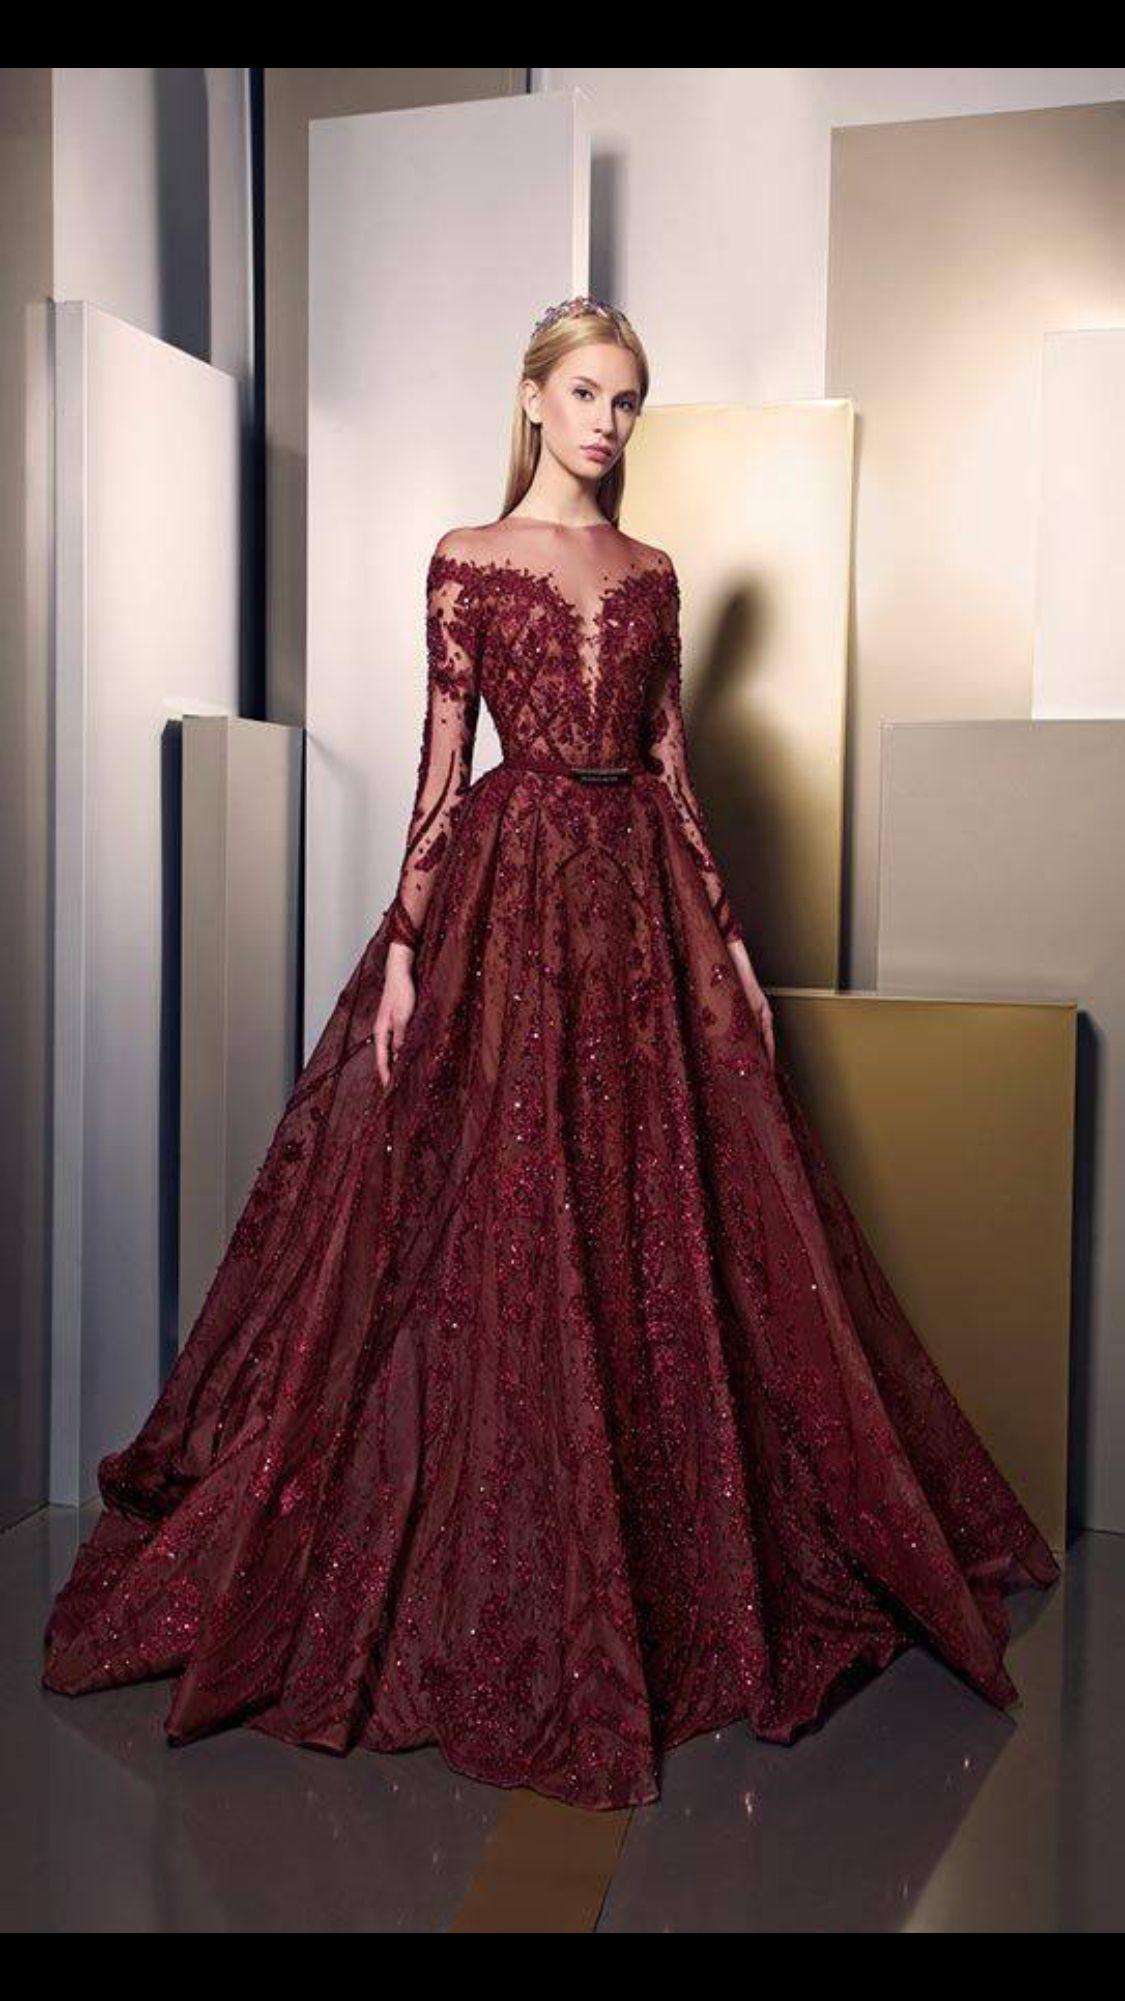 Pin Oleh Caroline Csasznik Di Woodland Fairytale Baju Model Lama Gaun Cantik Pakaian Pesta [ 2001 x 1125 Pixel ]